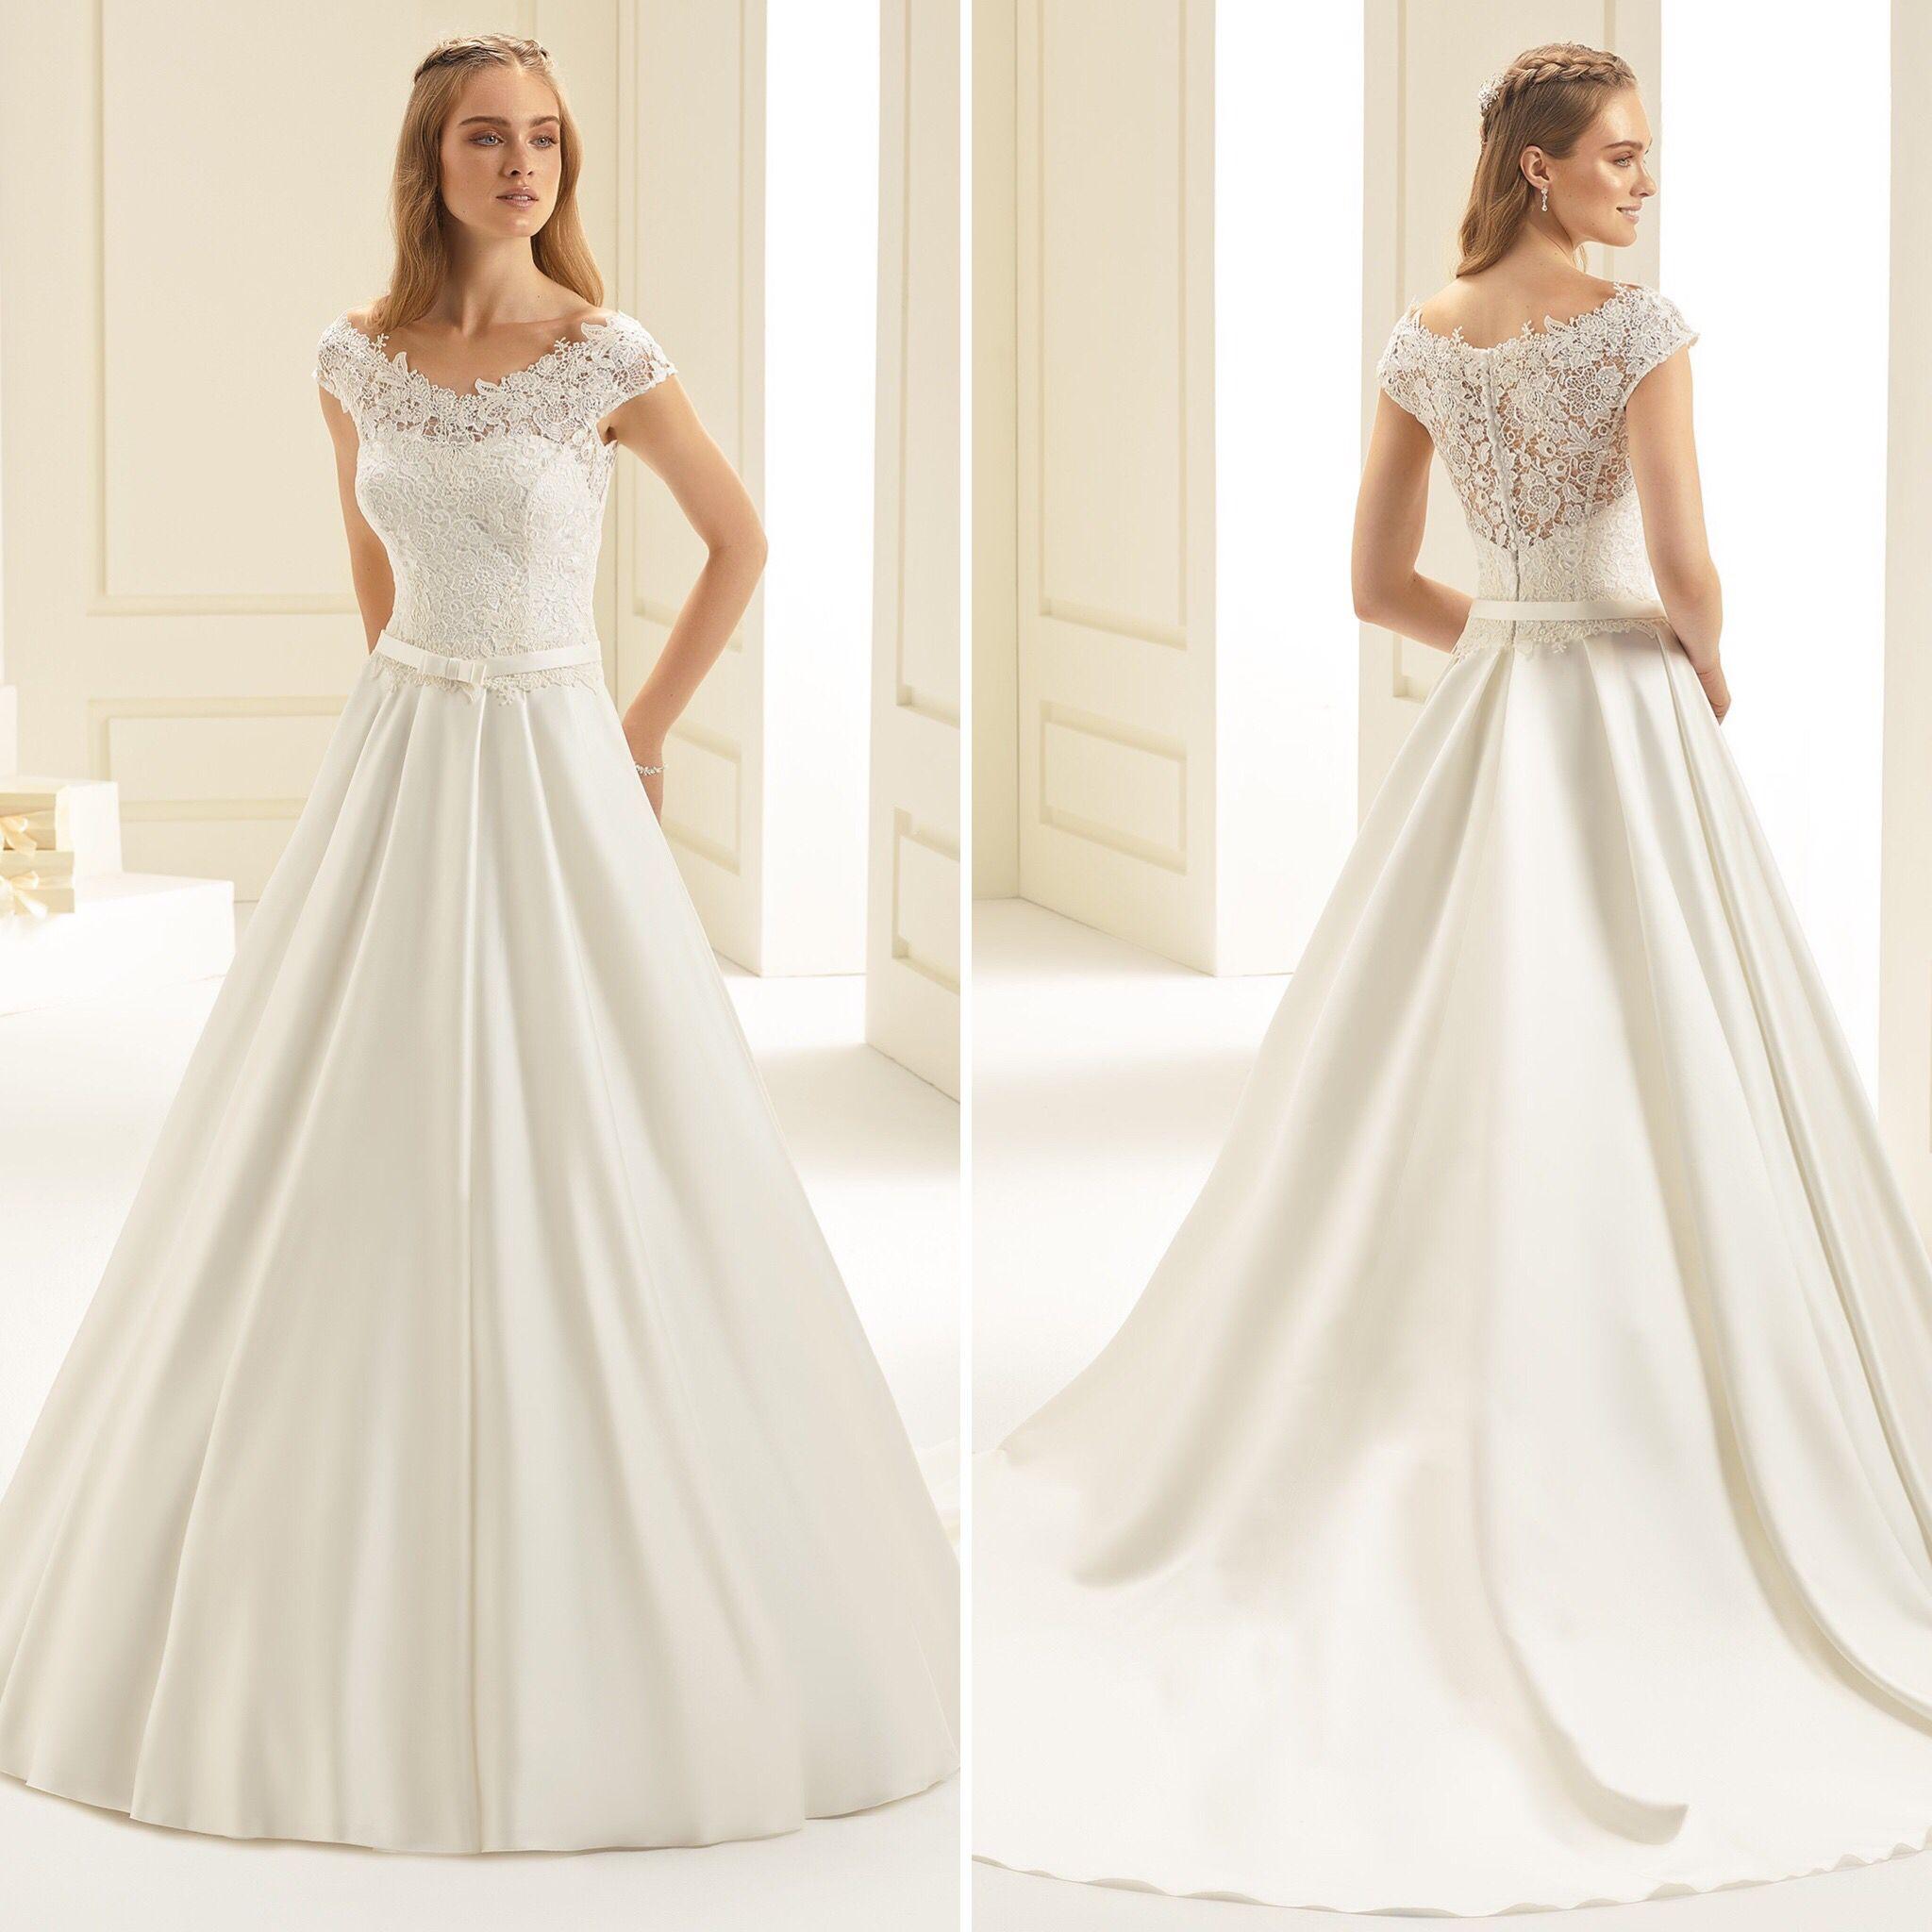 Brautkleid Amelia  BELLA SPOSA  Kleid hochzeit, Kleider hochzeit